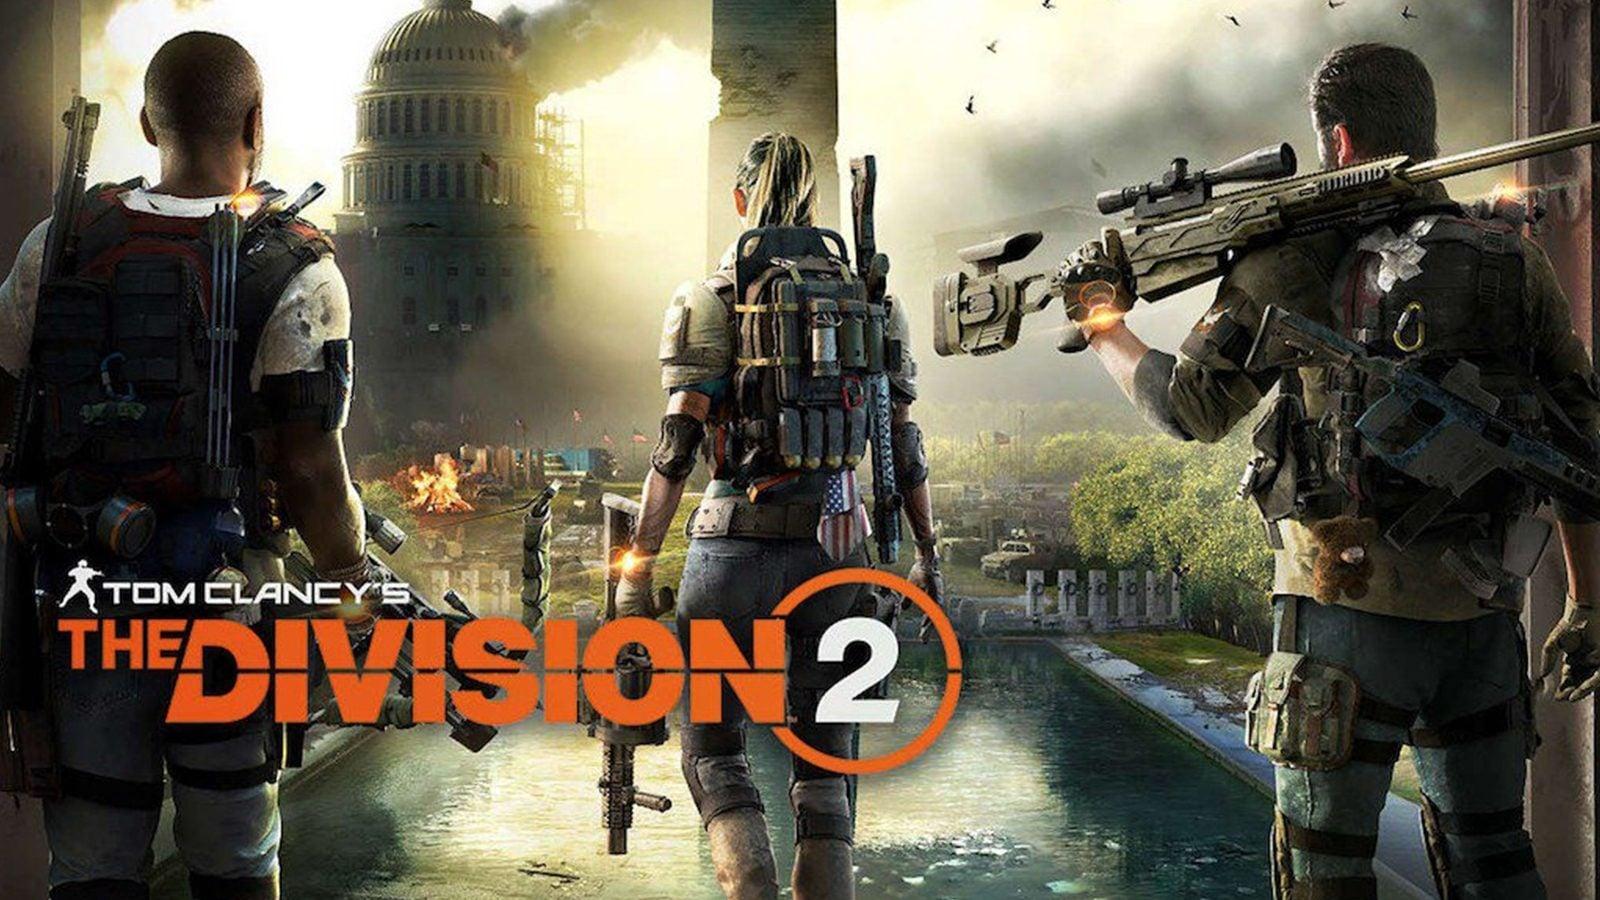 The Division 2 – pomiędzy betą a finalną wersją jest gigantyczna przepaść! (recenzja) 18